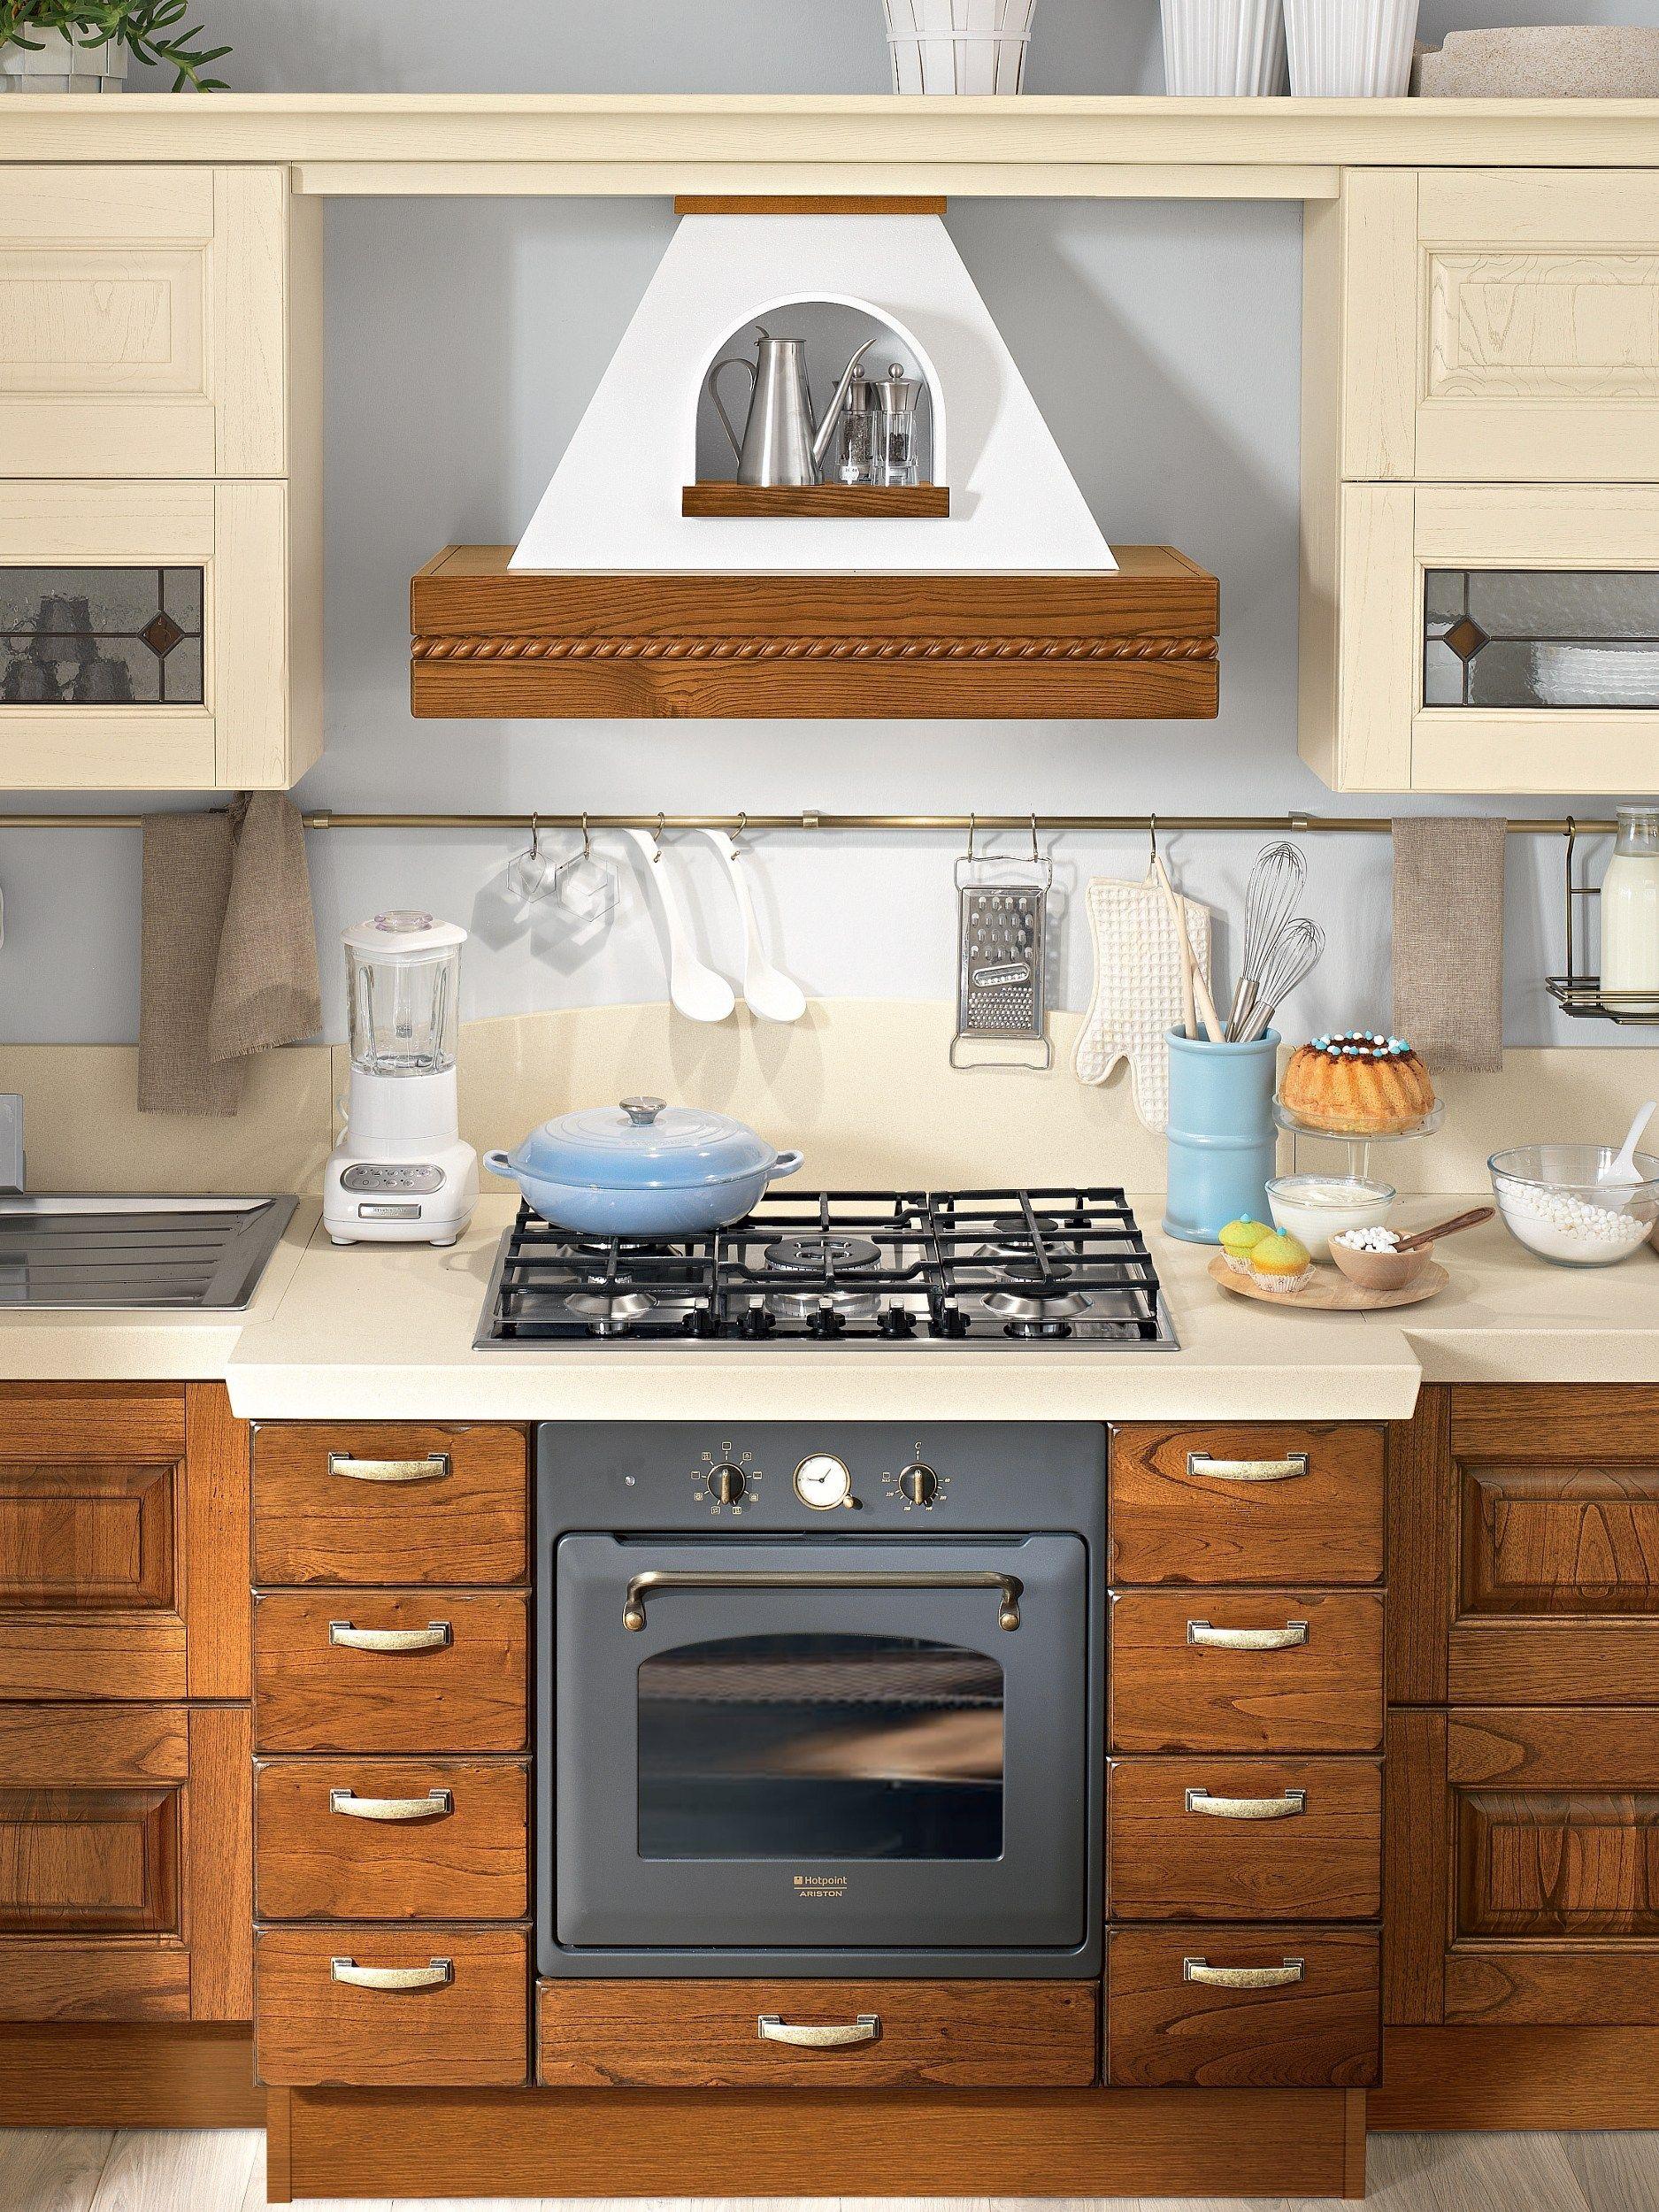 LAURA | Walnut kitchen By Cucine Lube